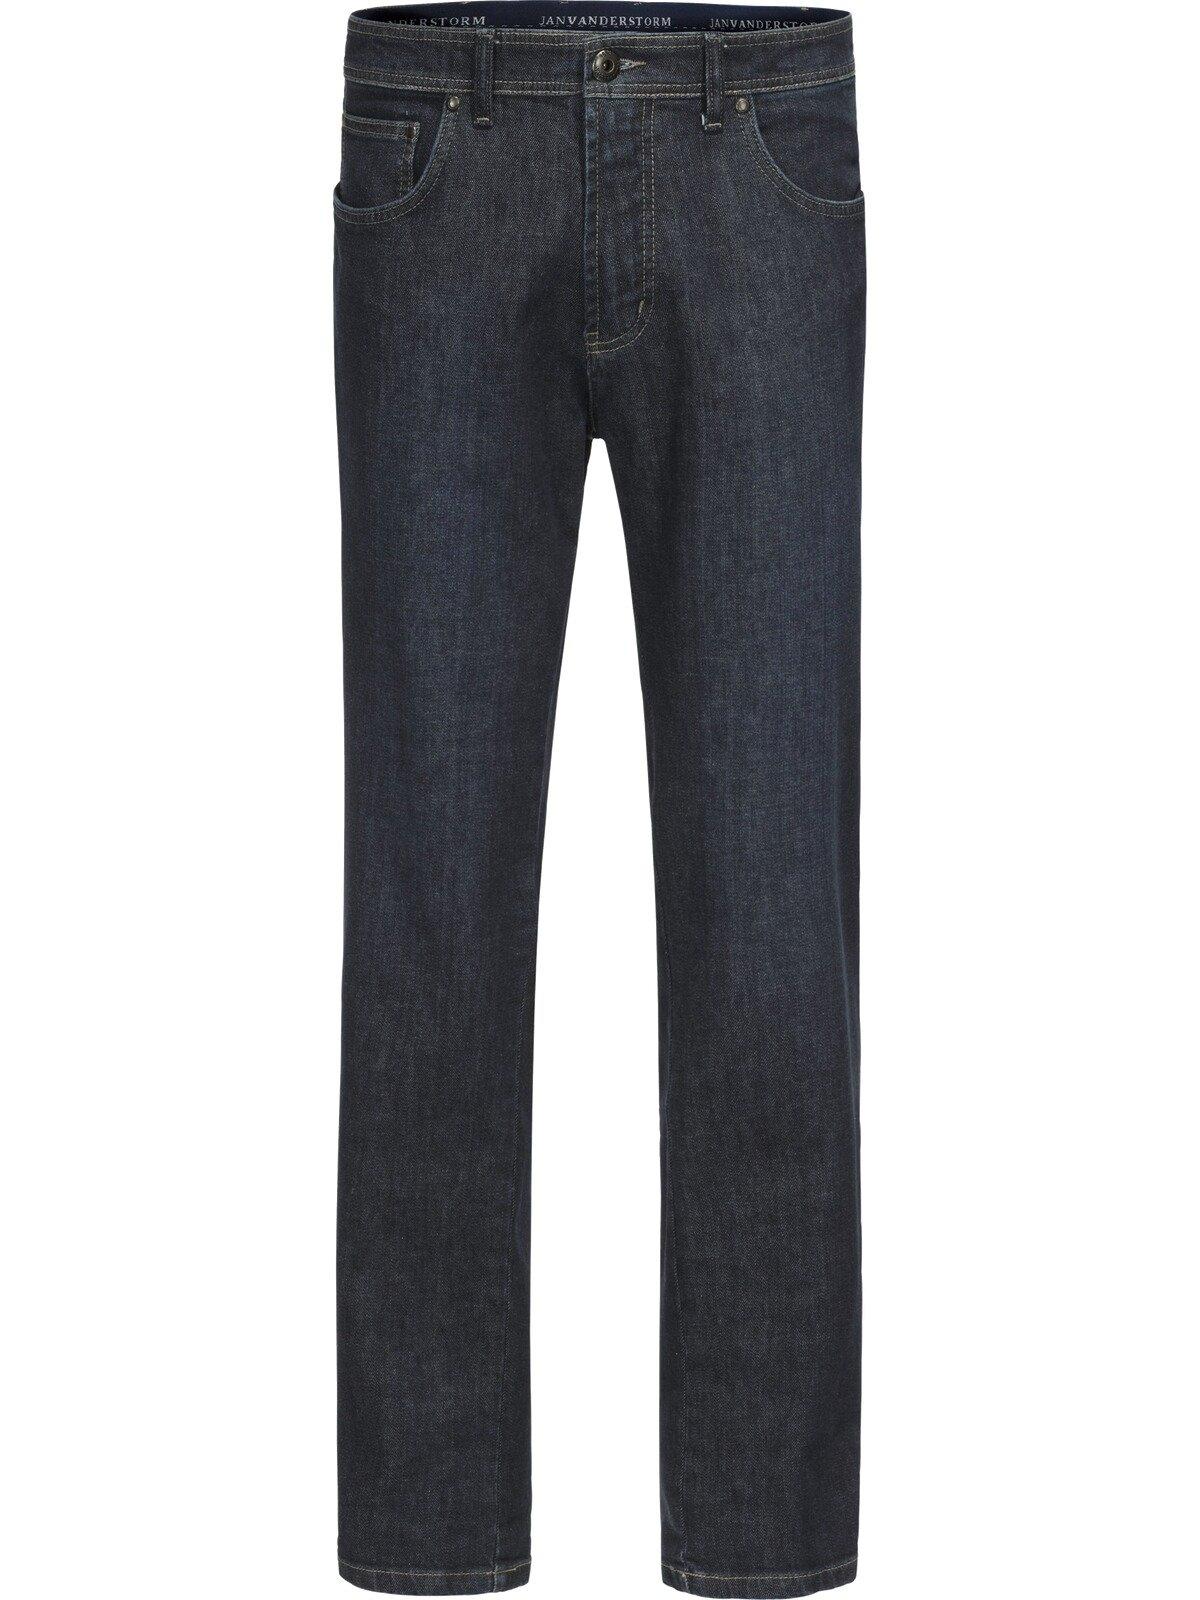 Jan Vanderstorm 5-pocketsjeans ESBJÖRN met comfortabele elastische band aan de binnenkant veilig op otto.nl kopen